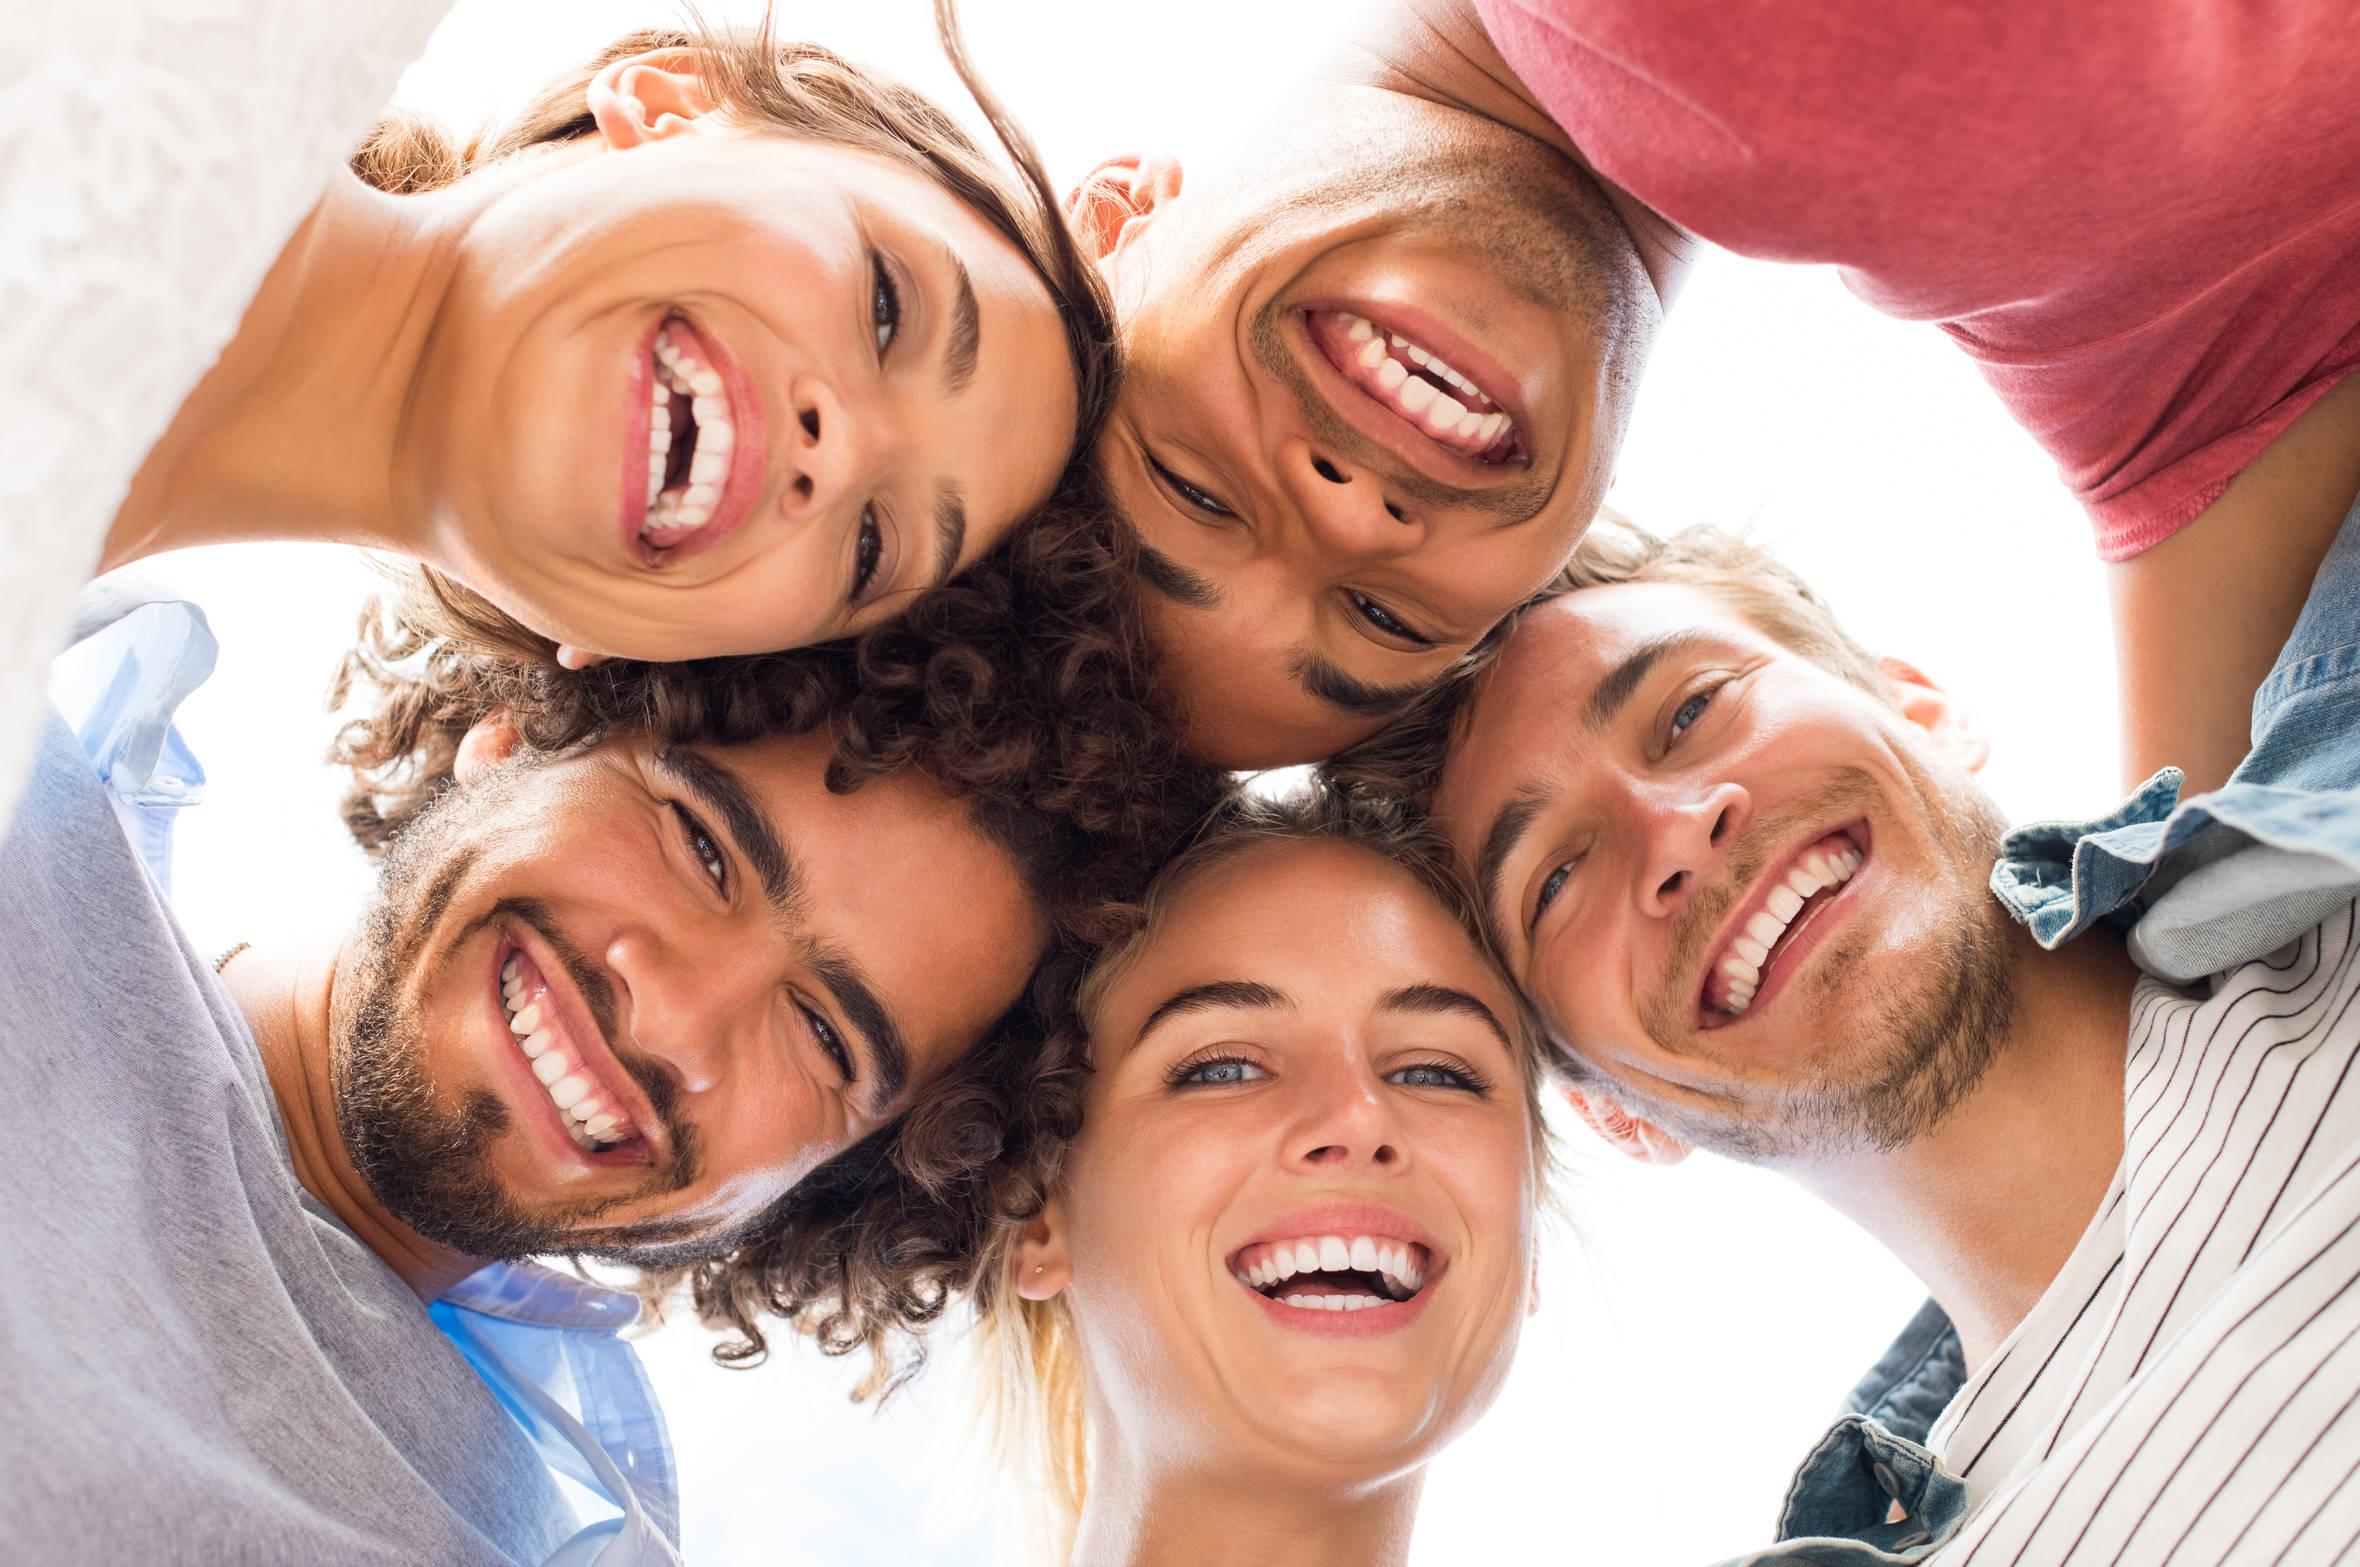 Symbolbild - gemeinsam Lachen